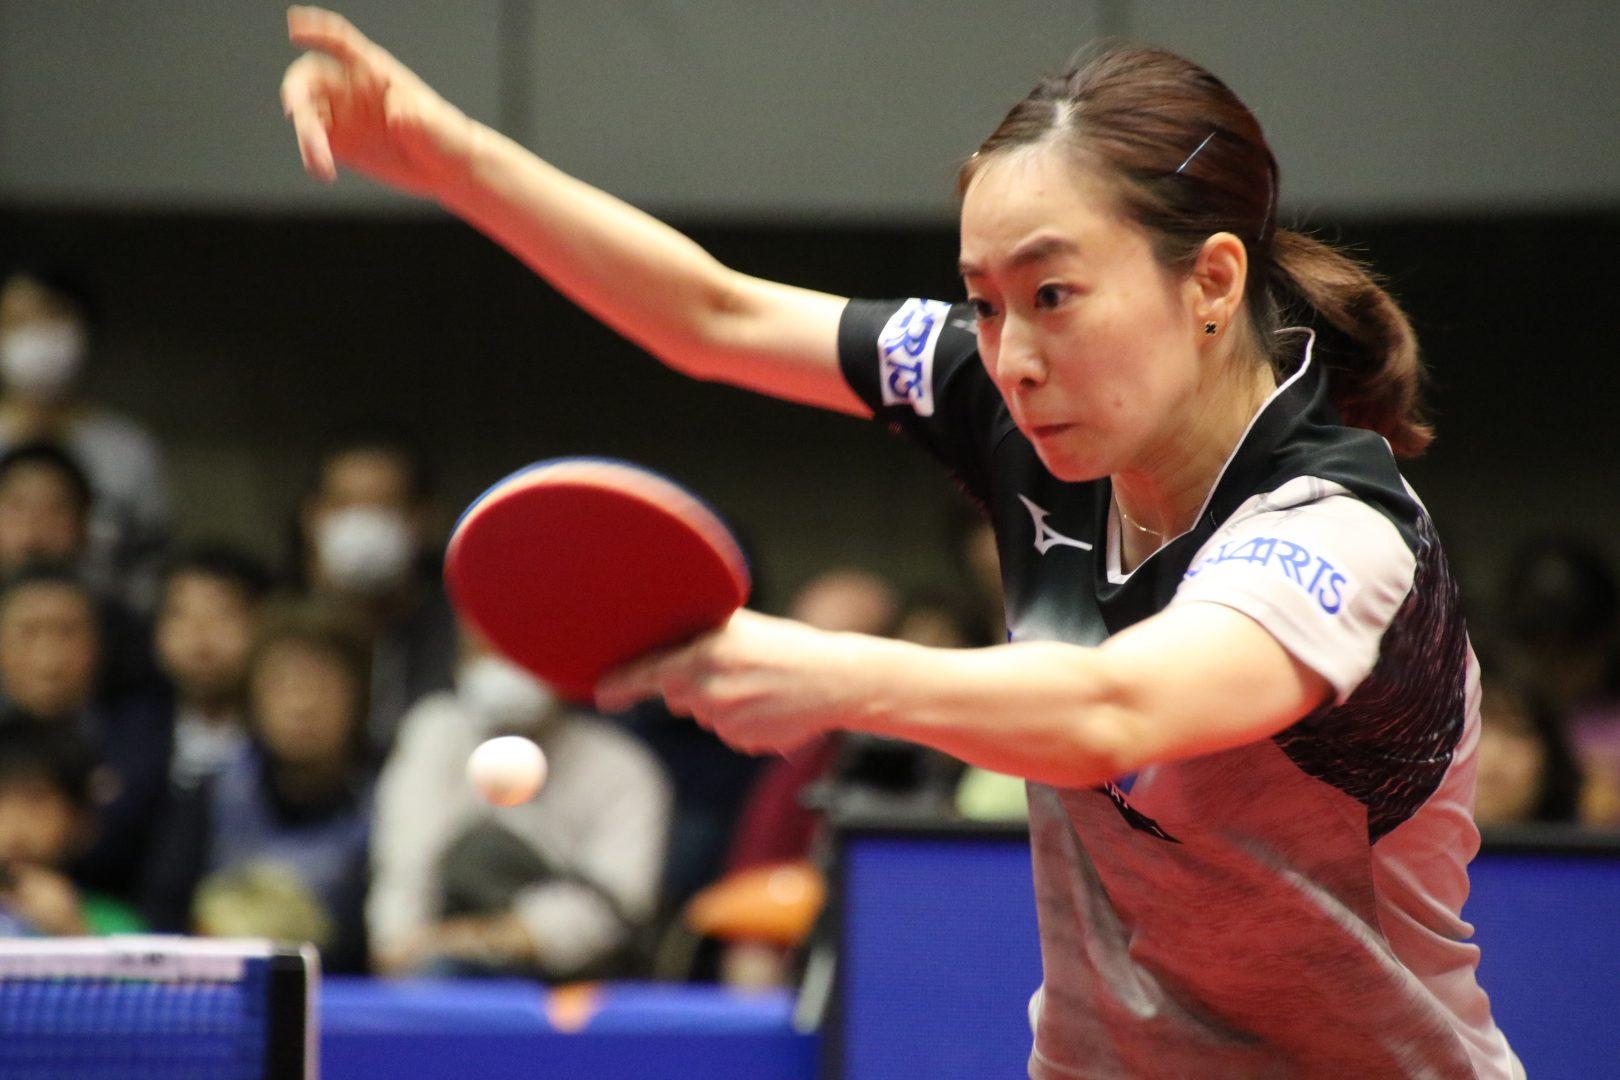 【卓球】石川は3位決定戦・平野は5位決定戦へ<アジアカップ女子>